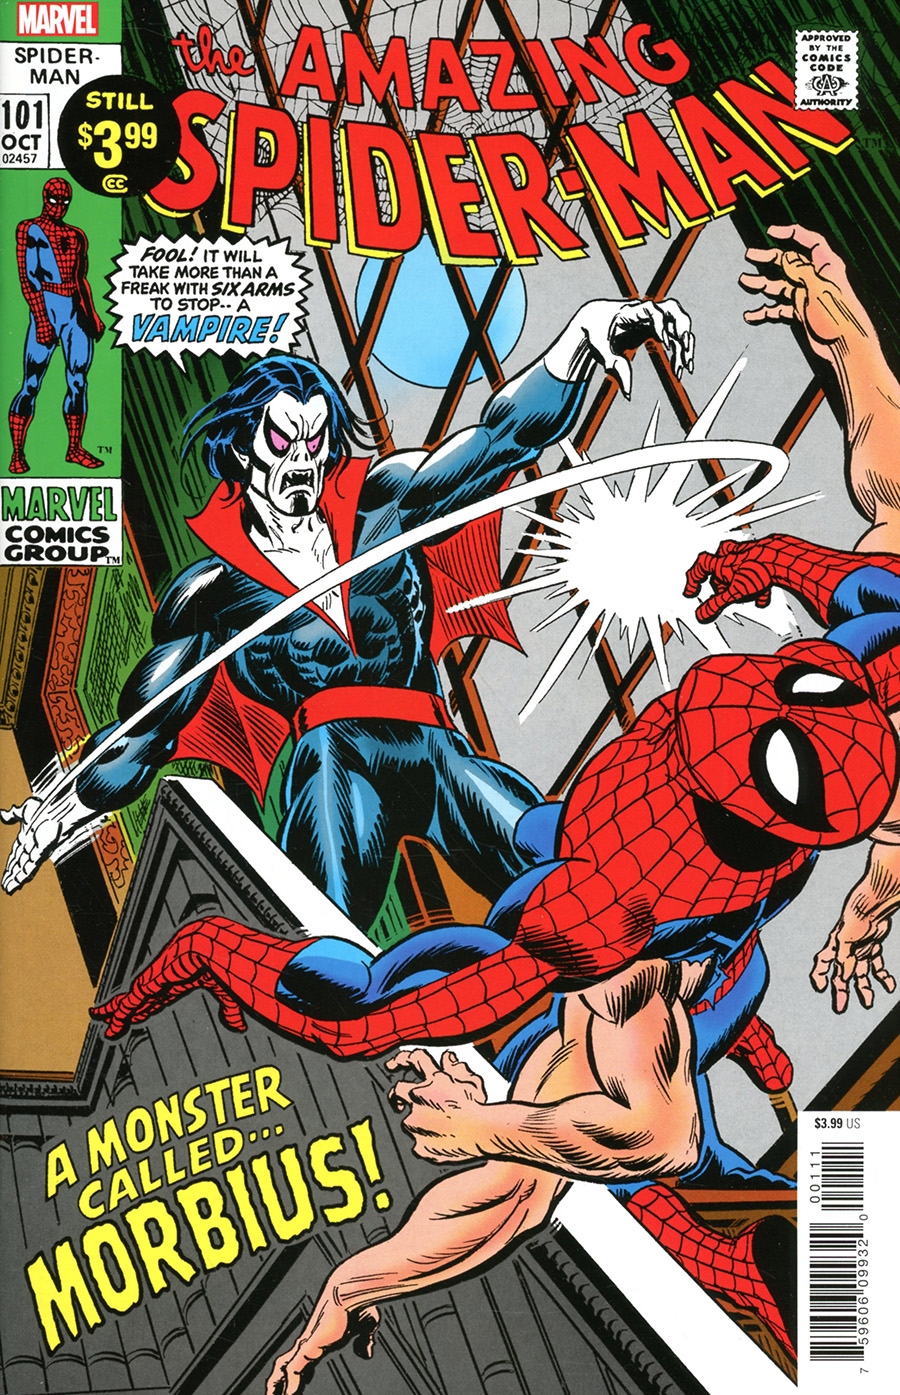 Amazing Spider-Man #101 Facsimile Poster